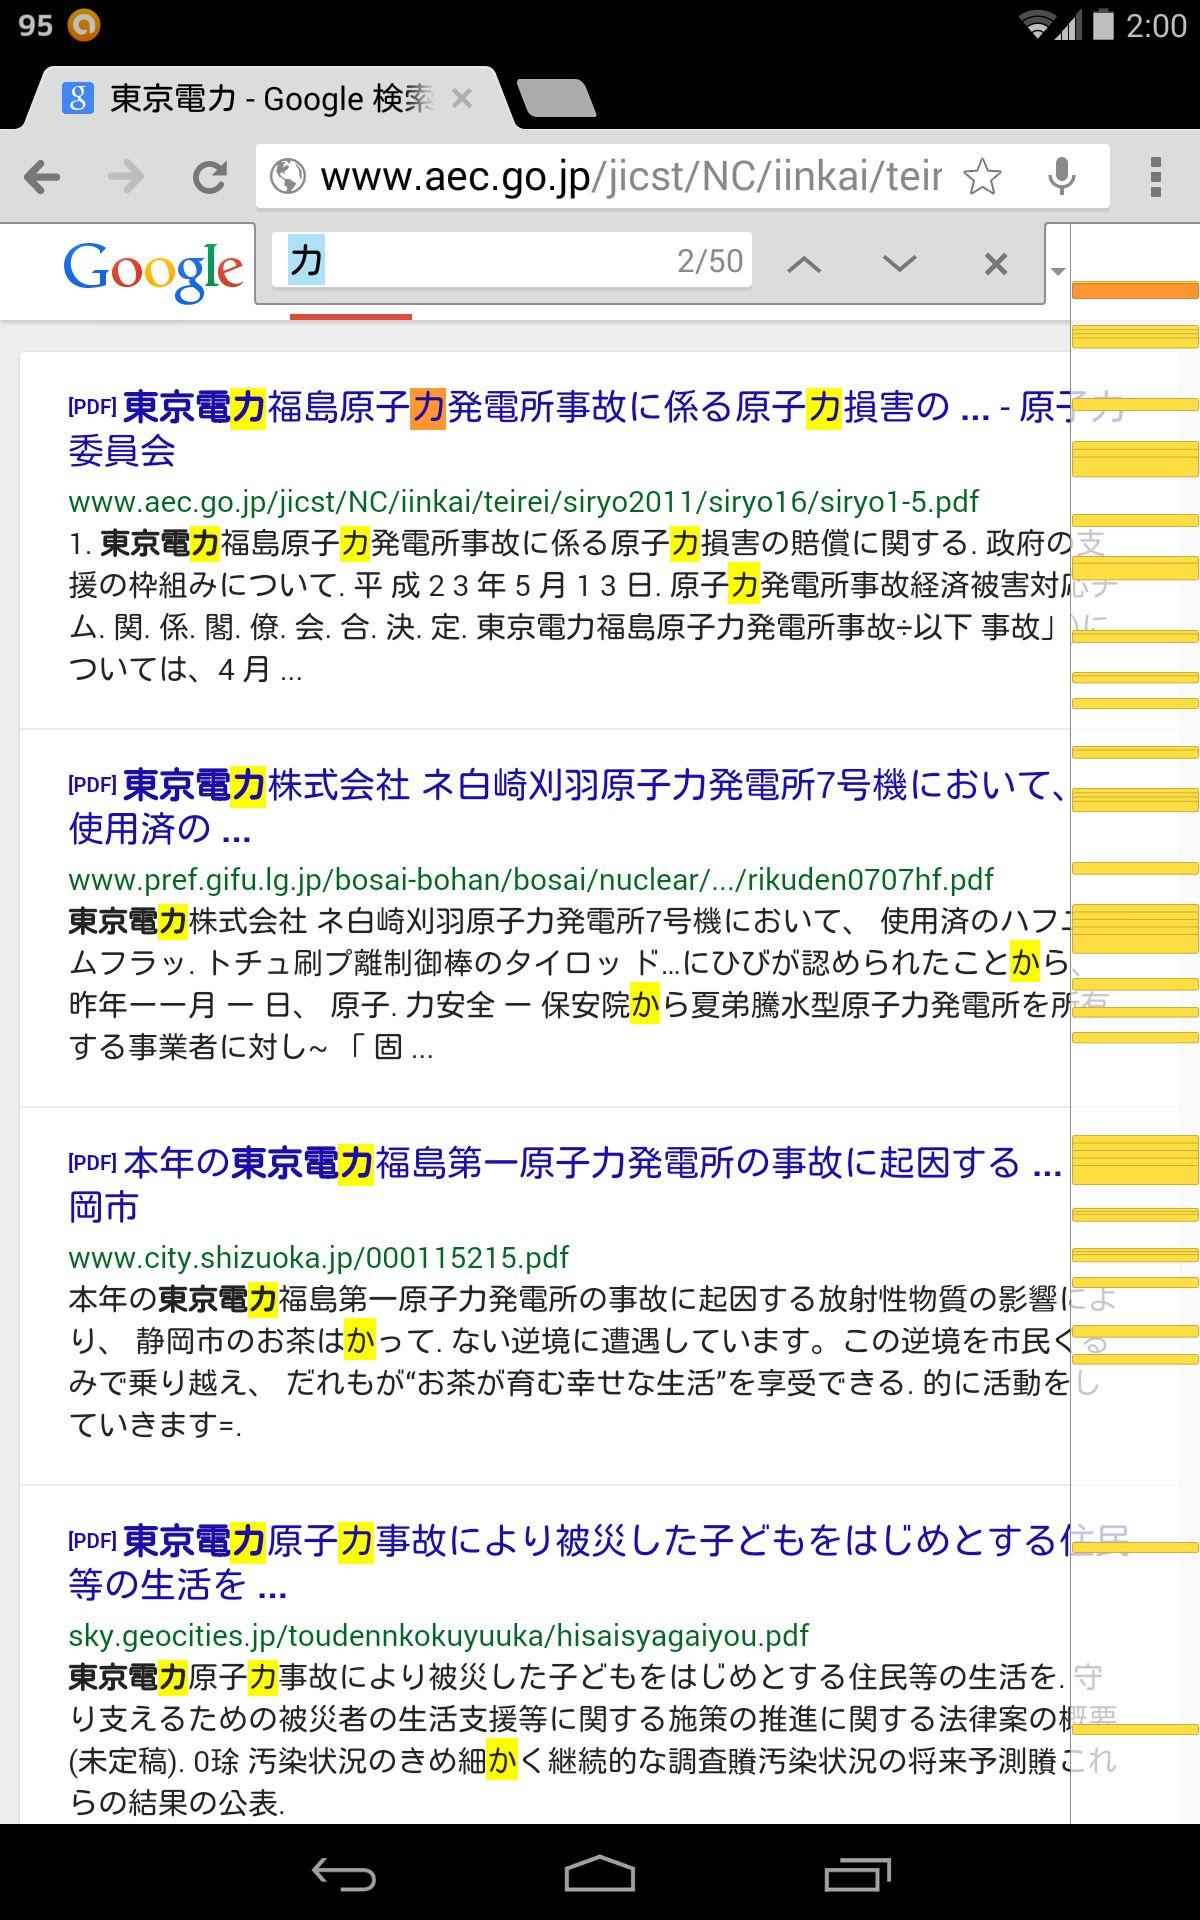 東京電力の「力」をカ(カタカナ)に変えて検索すると原発事故資料が…